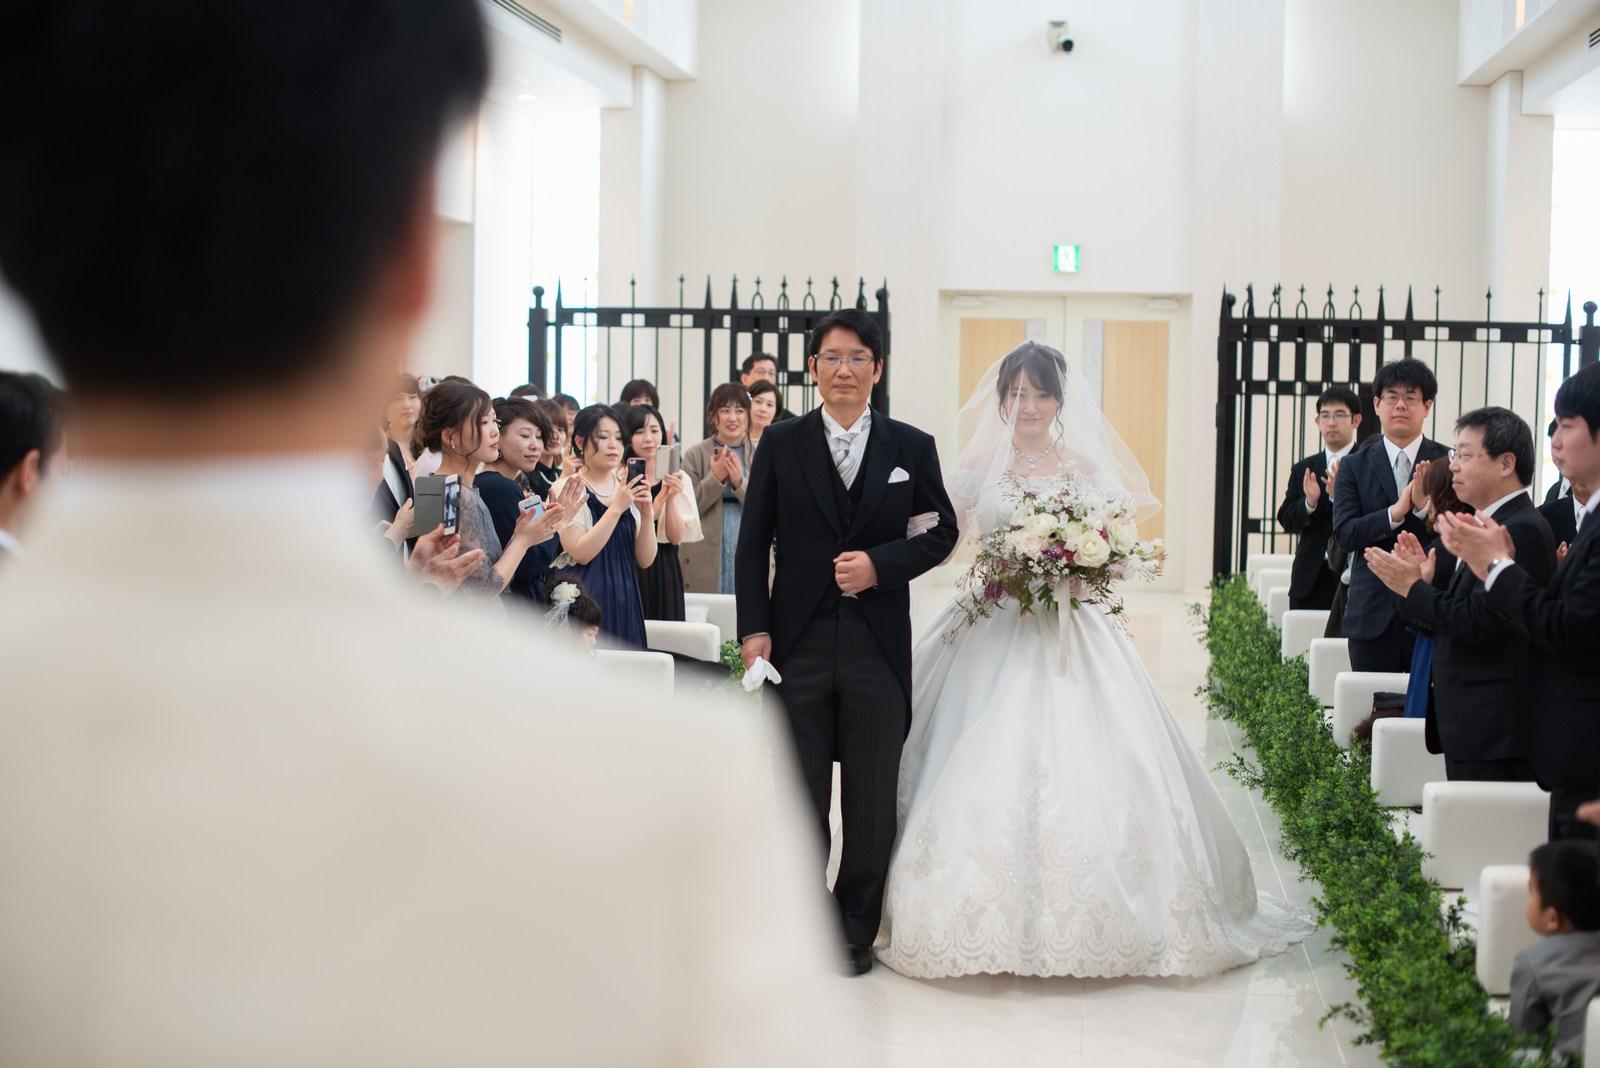 徳島市の結婚式場ブランアンジュで新婦父にエスコートされながら入場する新婦